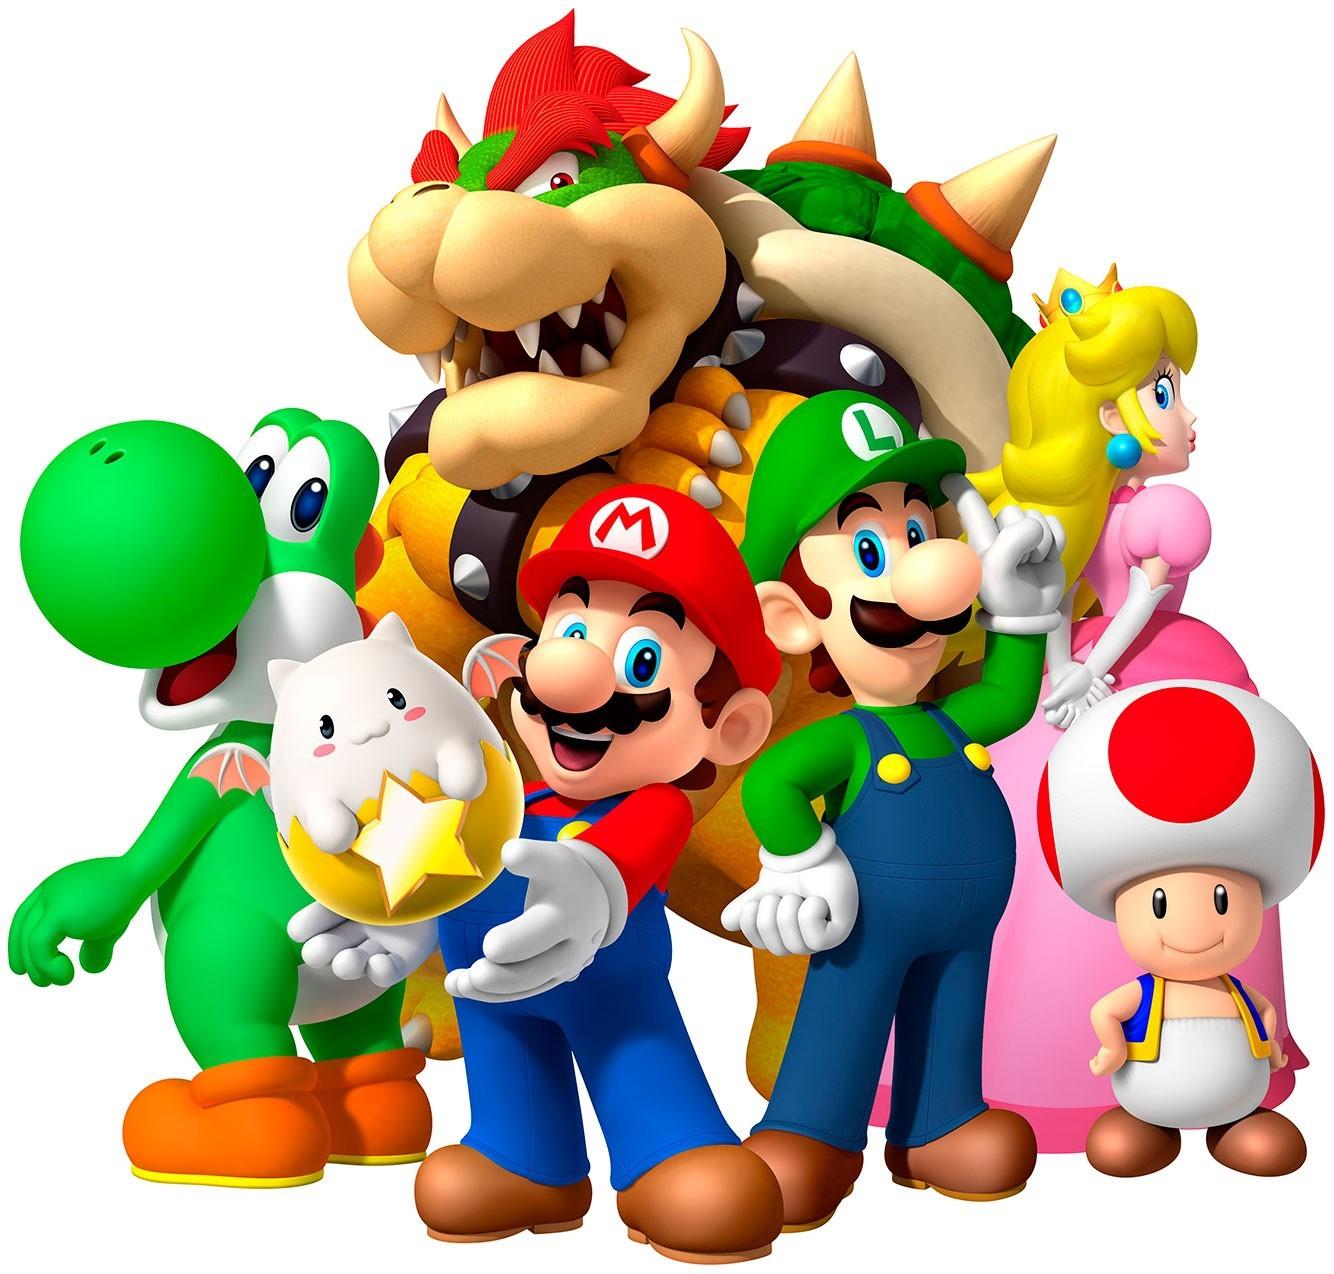 Quel personnage de l'univers ''Super Mario'' es-tu ?